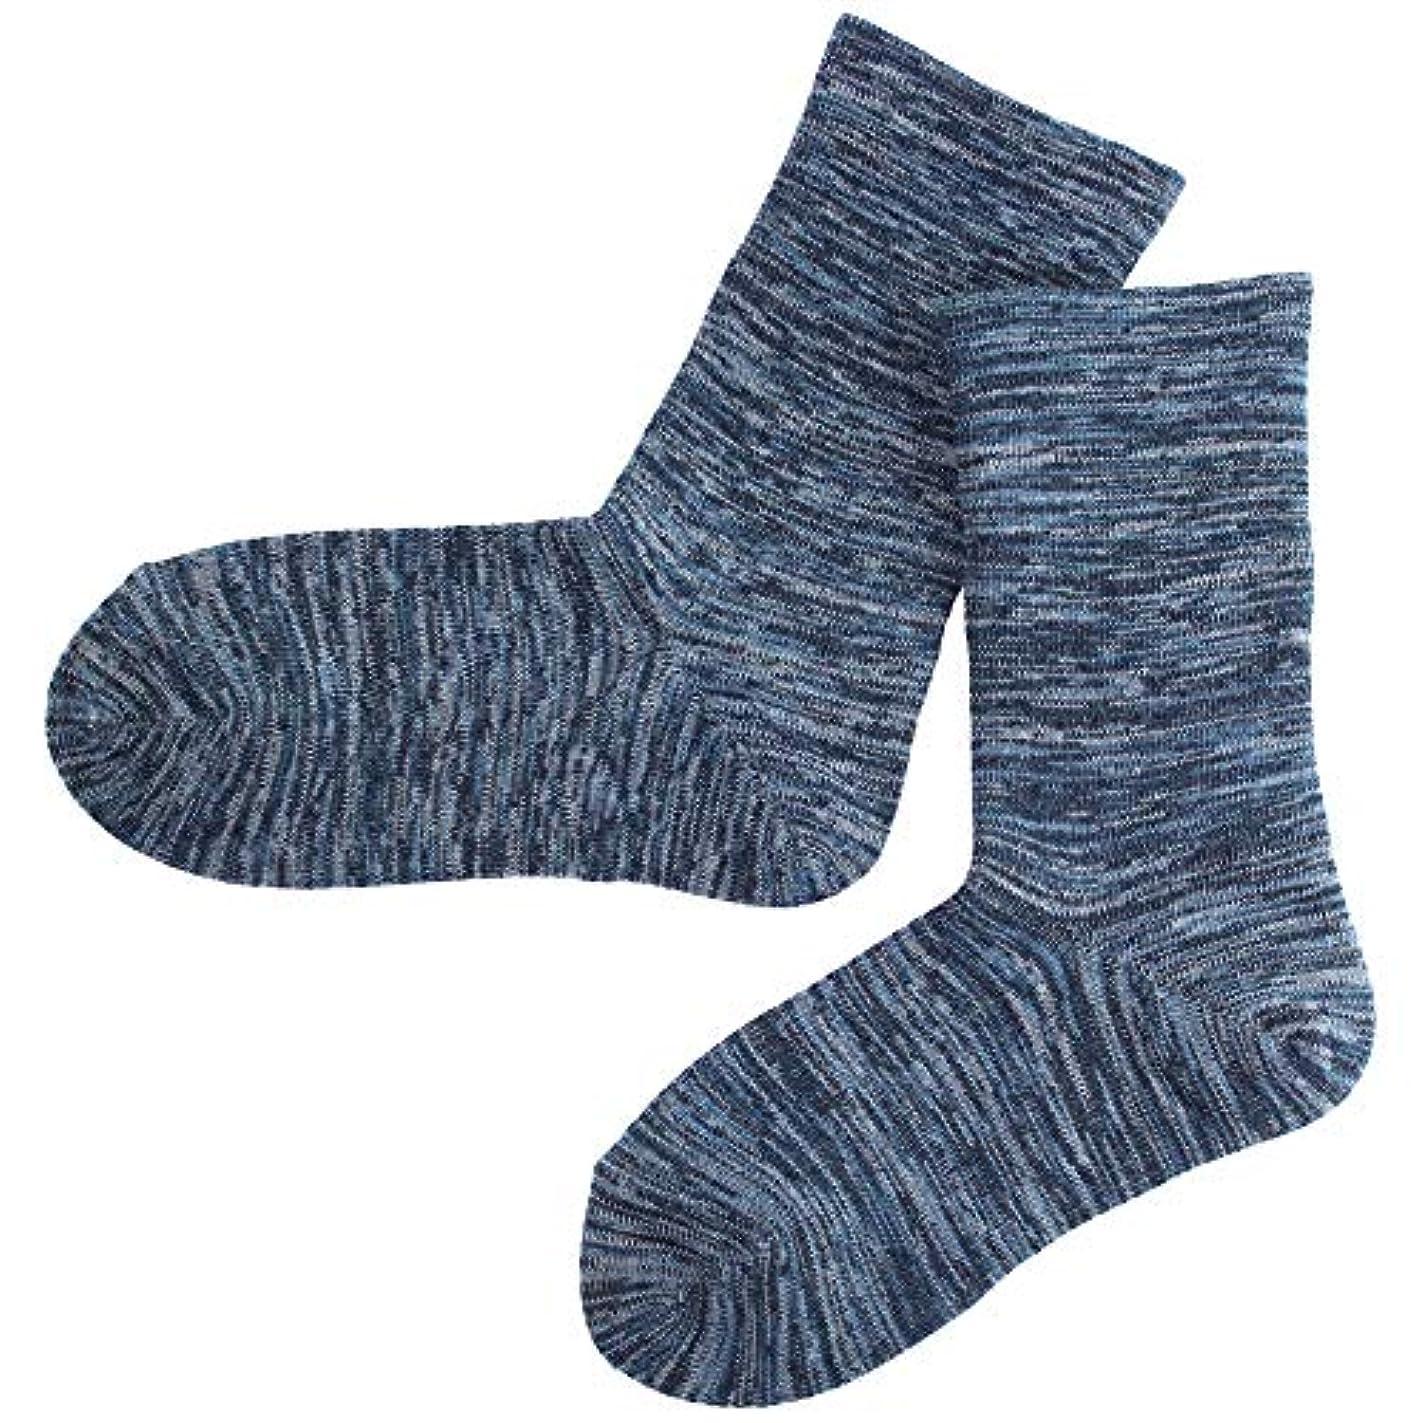 祖母複雑なまたは温むすび かかとケア靴下 【足うら美人ゆったり楽々タイプ 女性用 22~24cm ネイビーブルー】 ひび割れ ケア